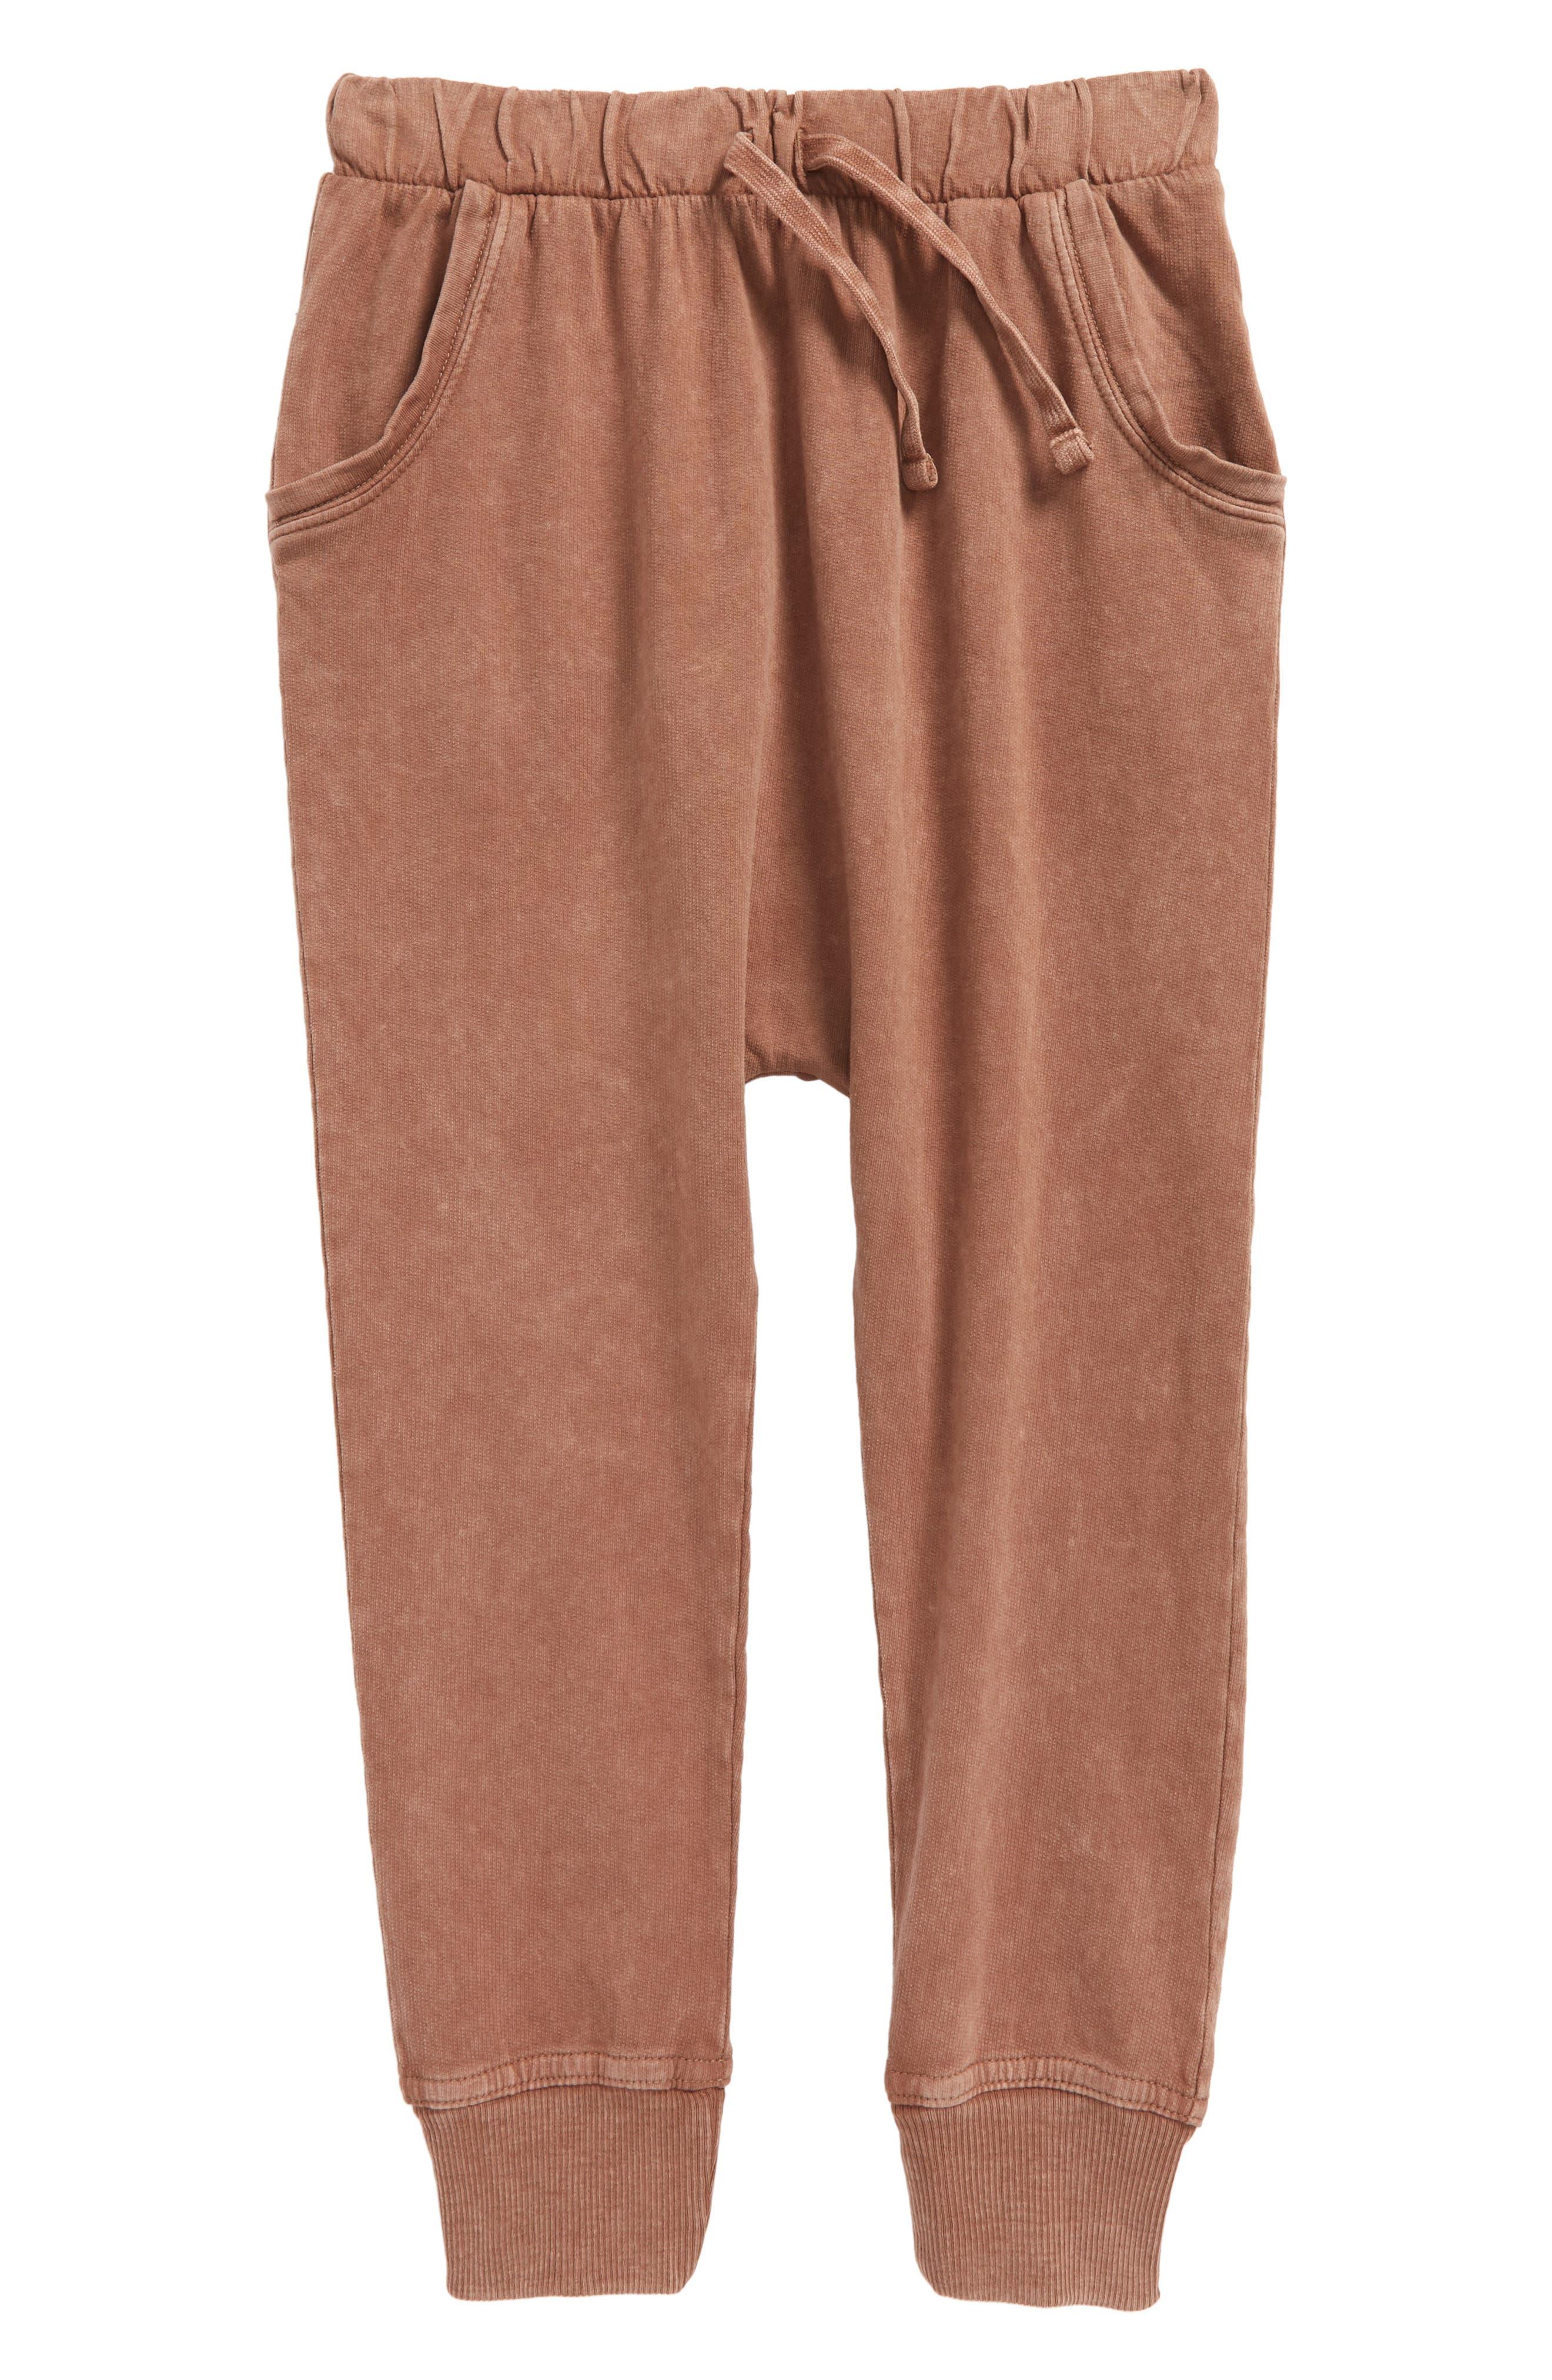 Superwash Sweatpants,                         Main,                         color, Tan Burro Wash